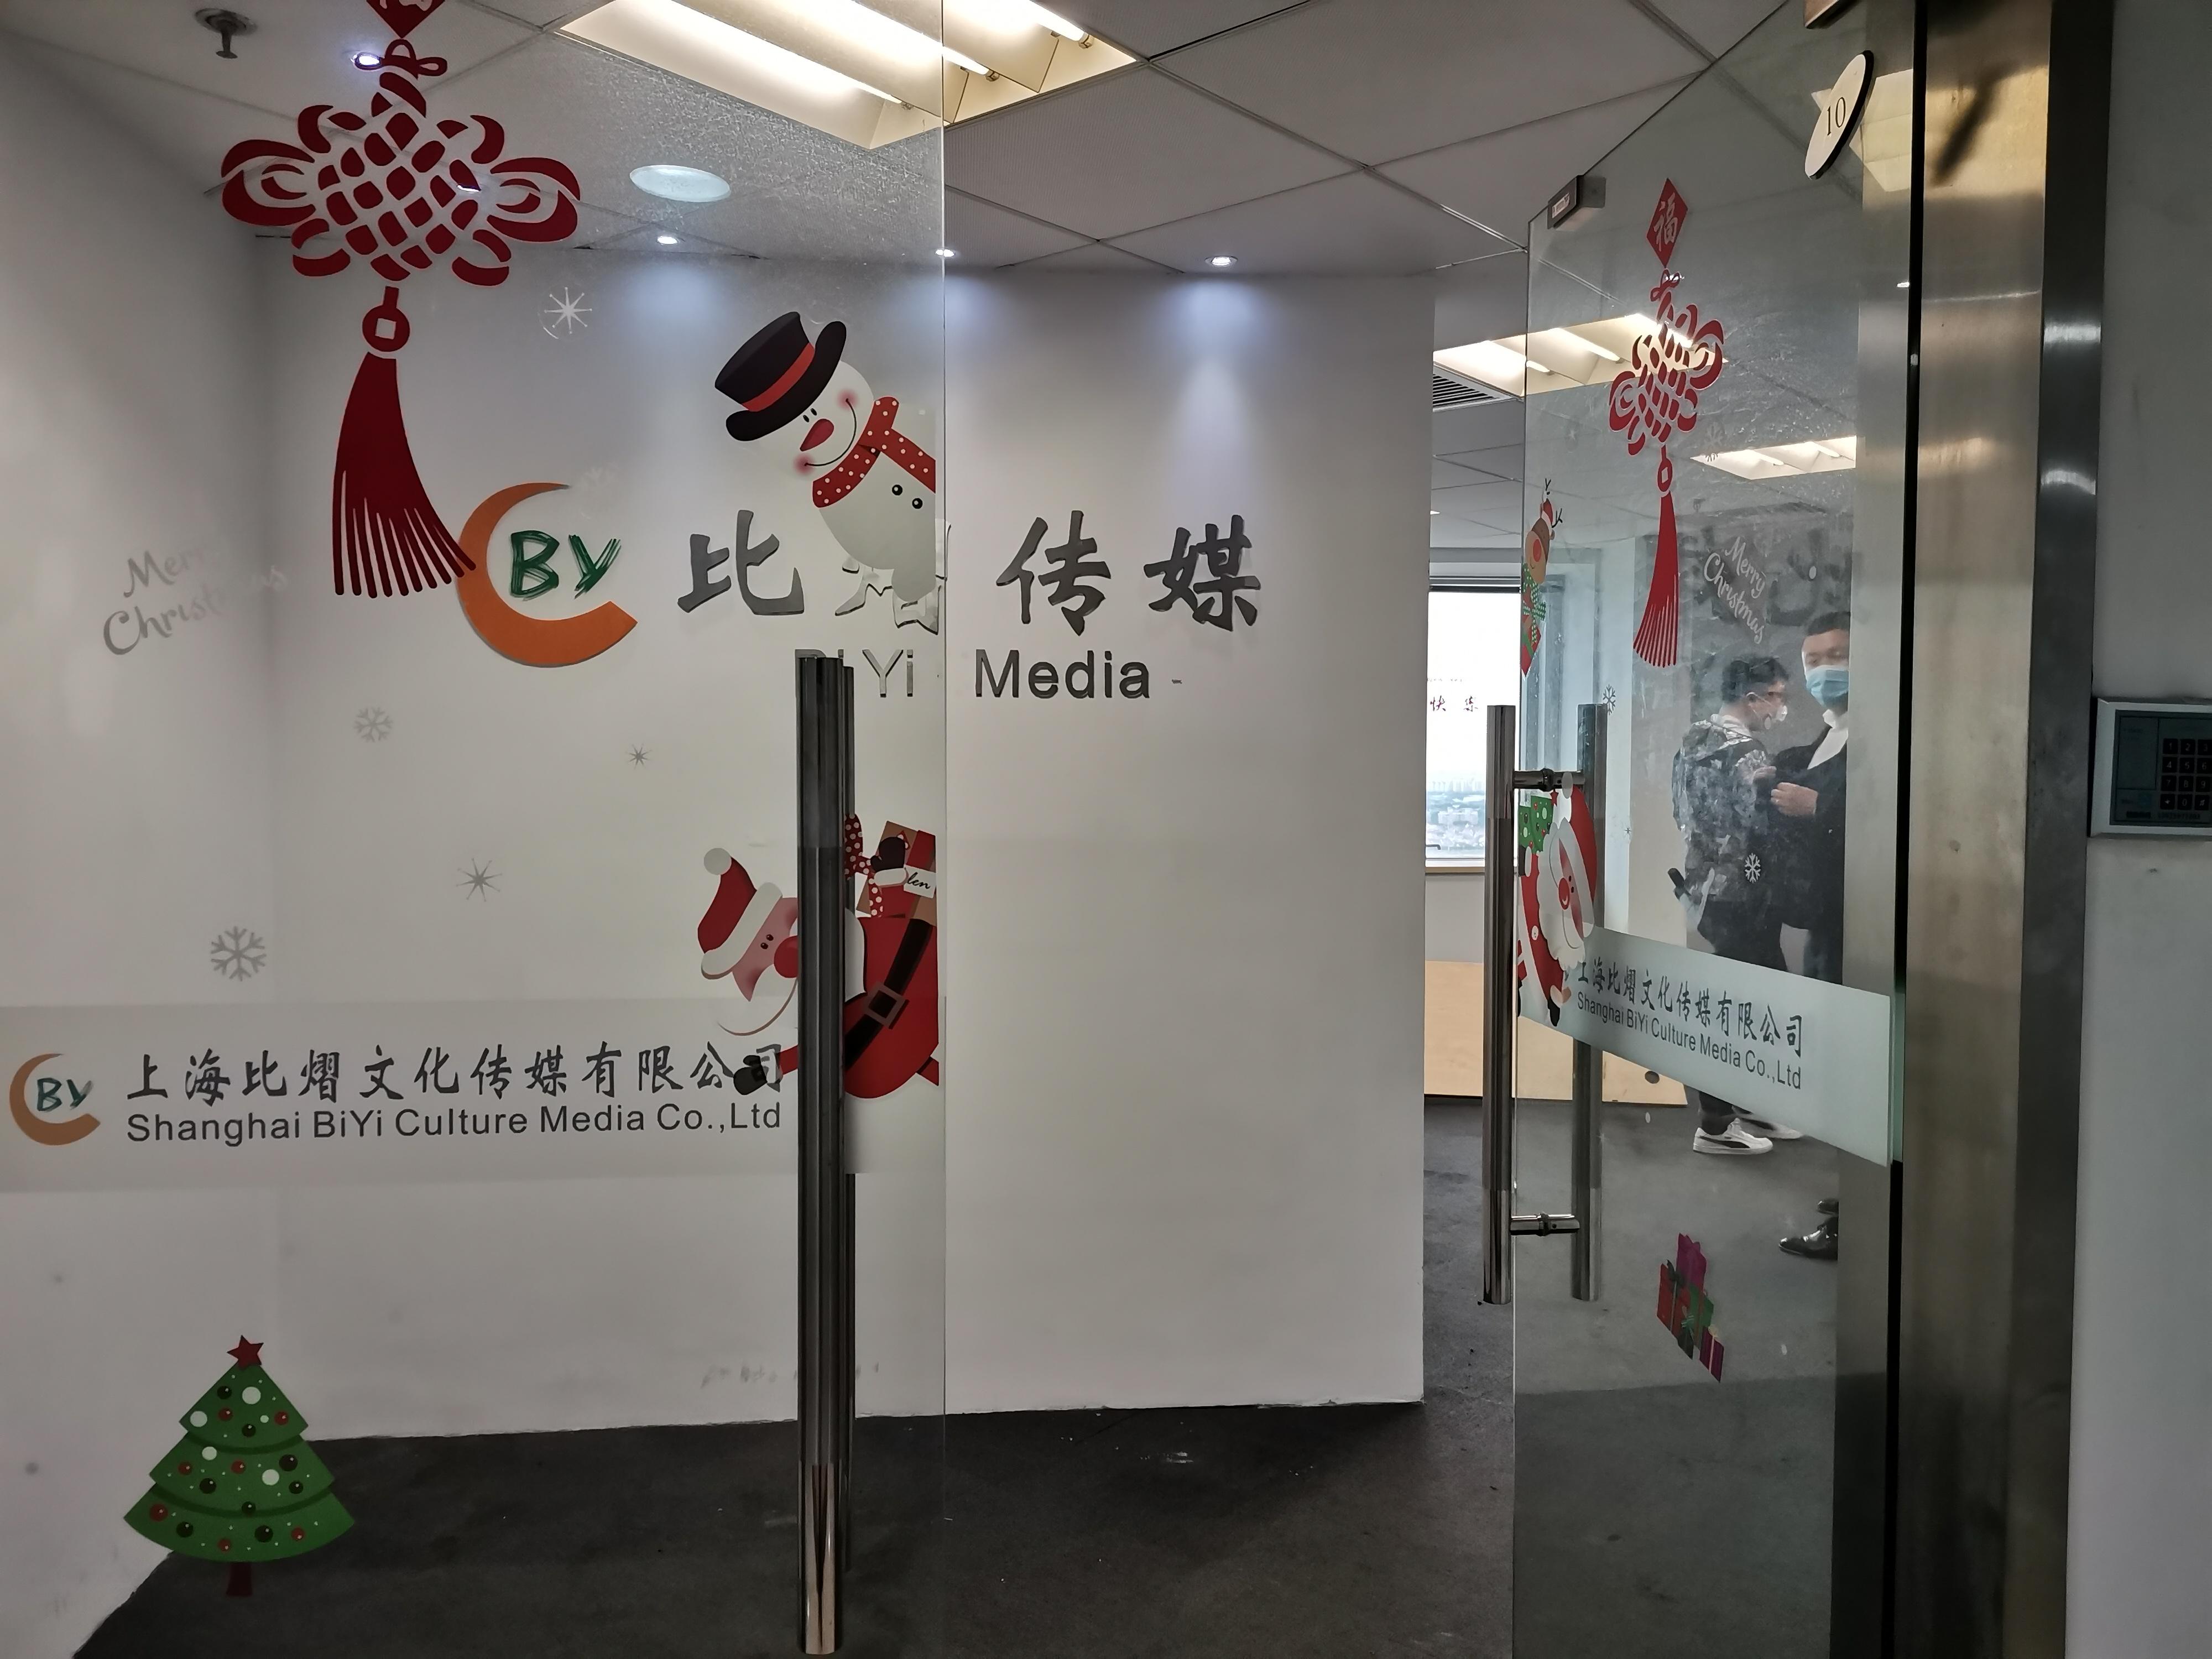 浦东民航大厦出租221平办公室有装修无家具